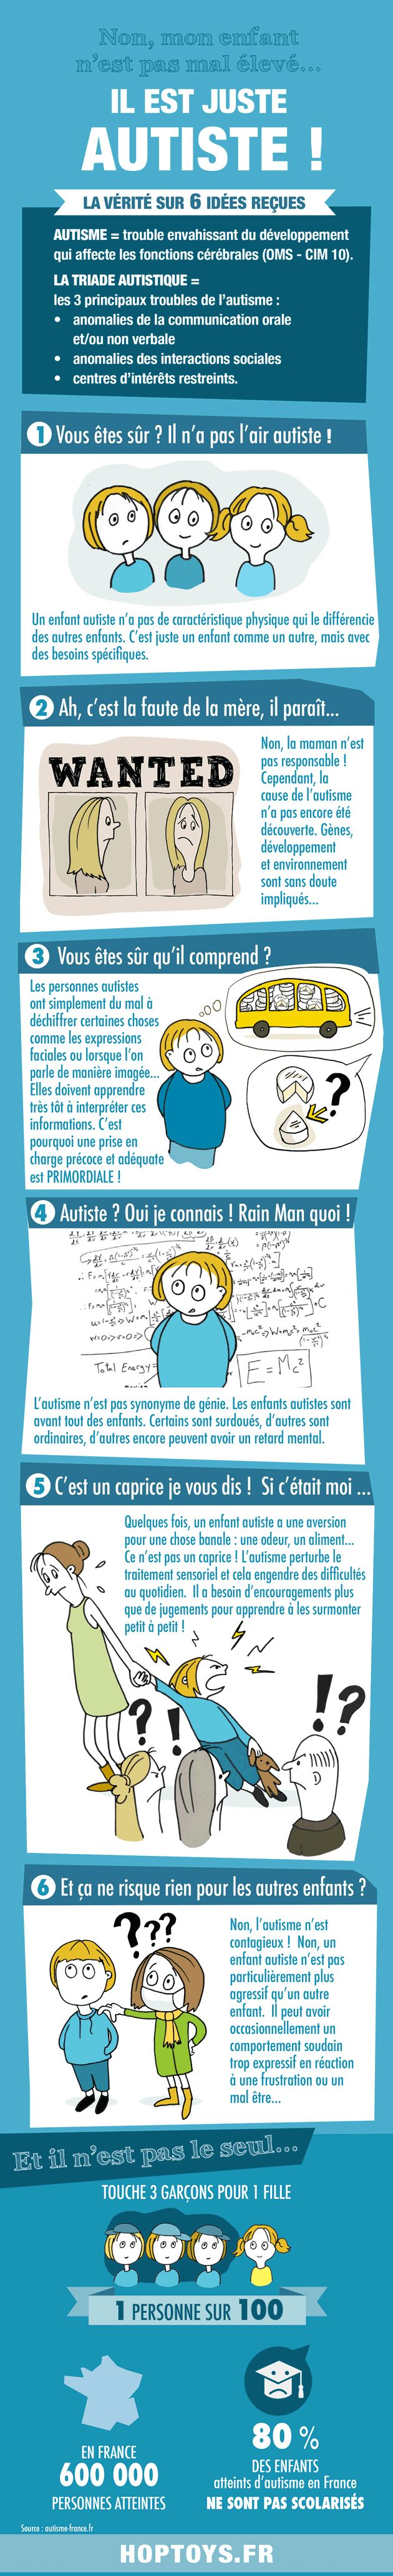 Le 2 avril, c'est la journée mondiale de sensibilisation à l'autisme. Découvrez la vérité sur 6 idées reçues !